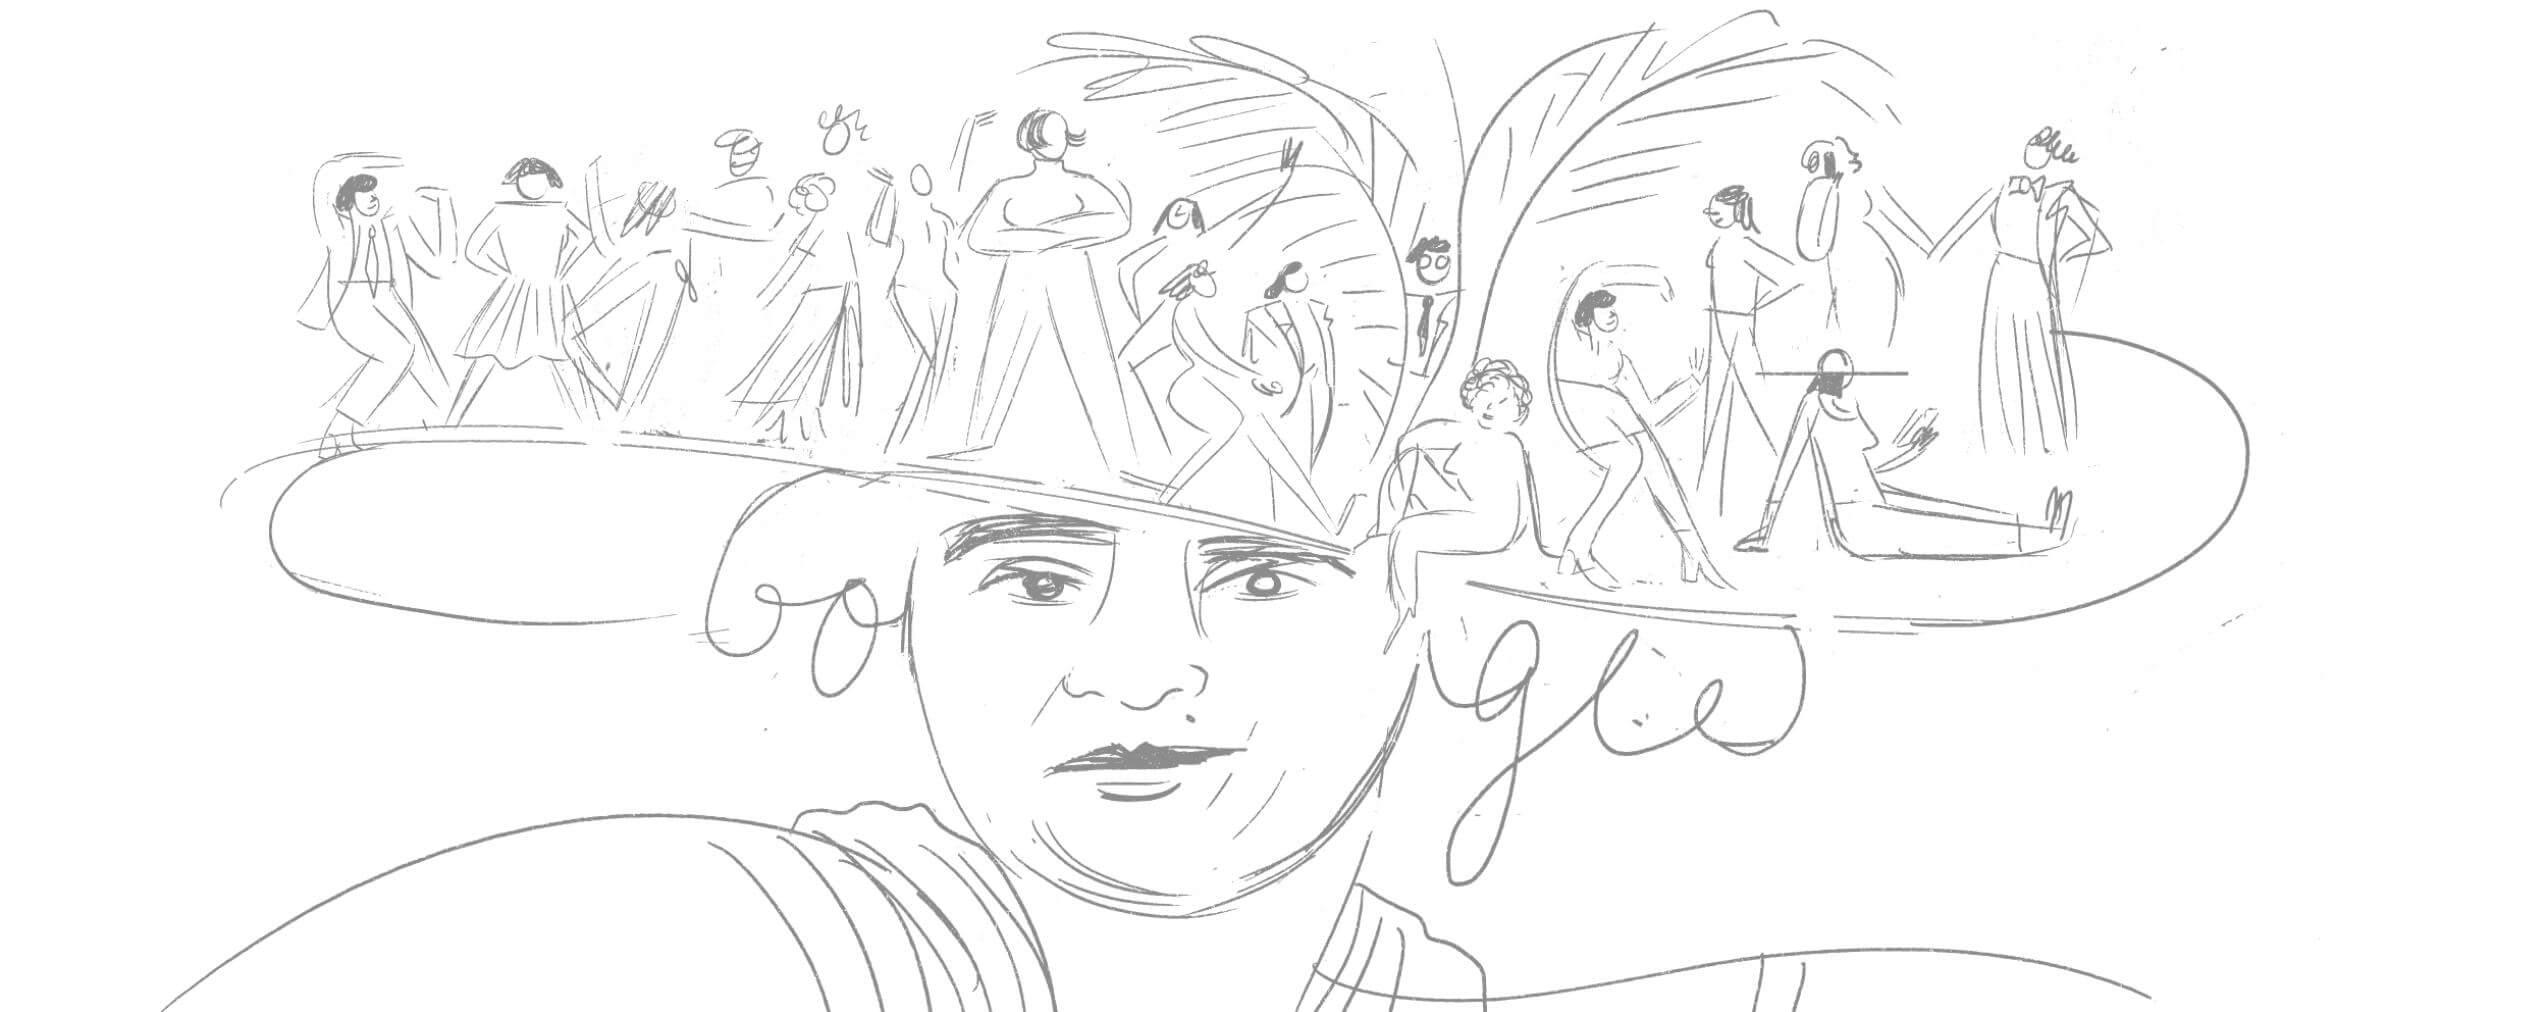 Doodle Entwurf 2